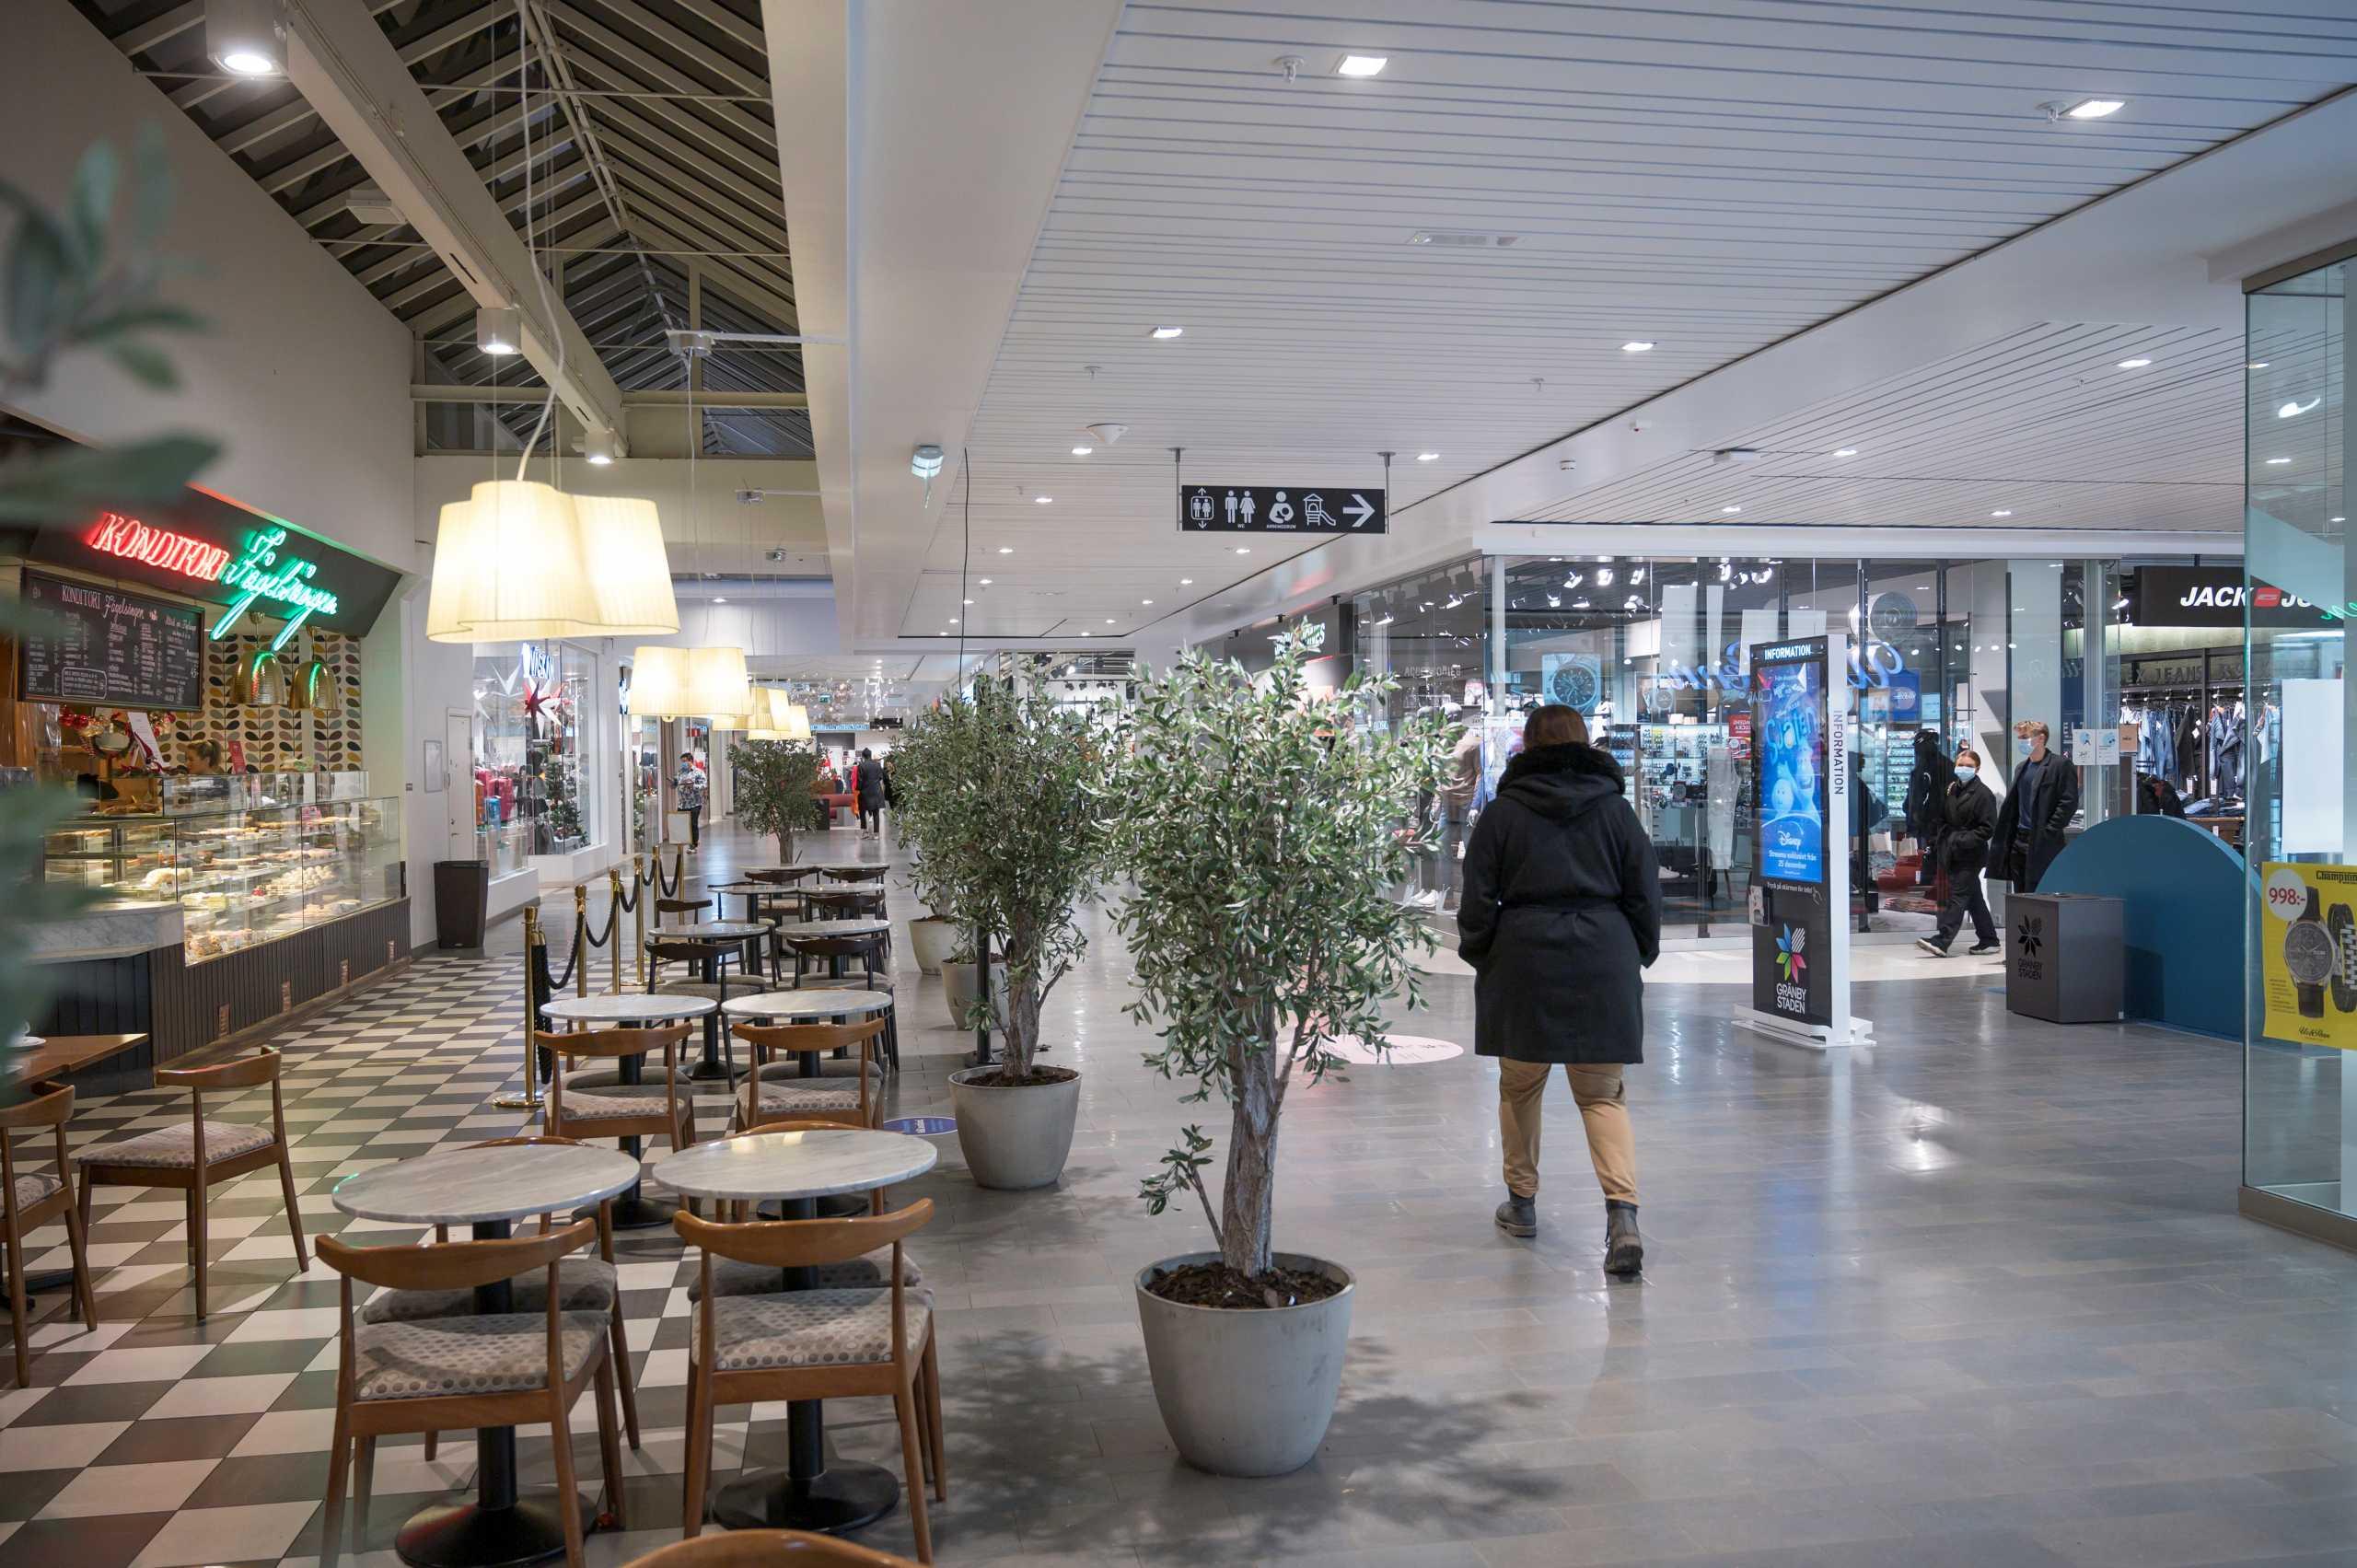 Σουηδία: Κλείνει την εστίαση από τις 20.30 και μειώνει τον αριθμό πελατών